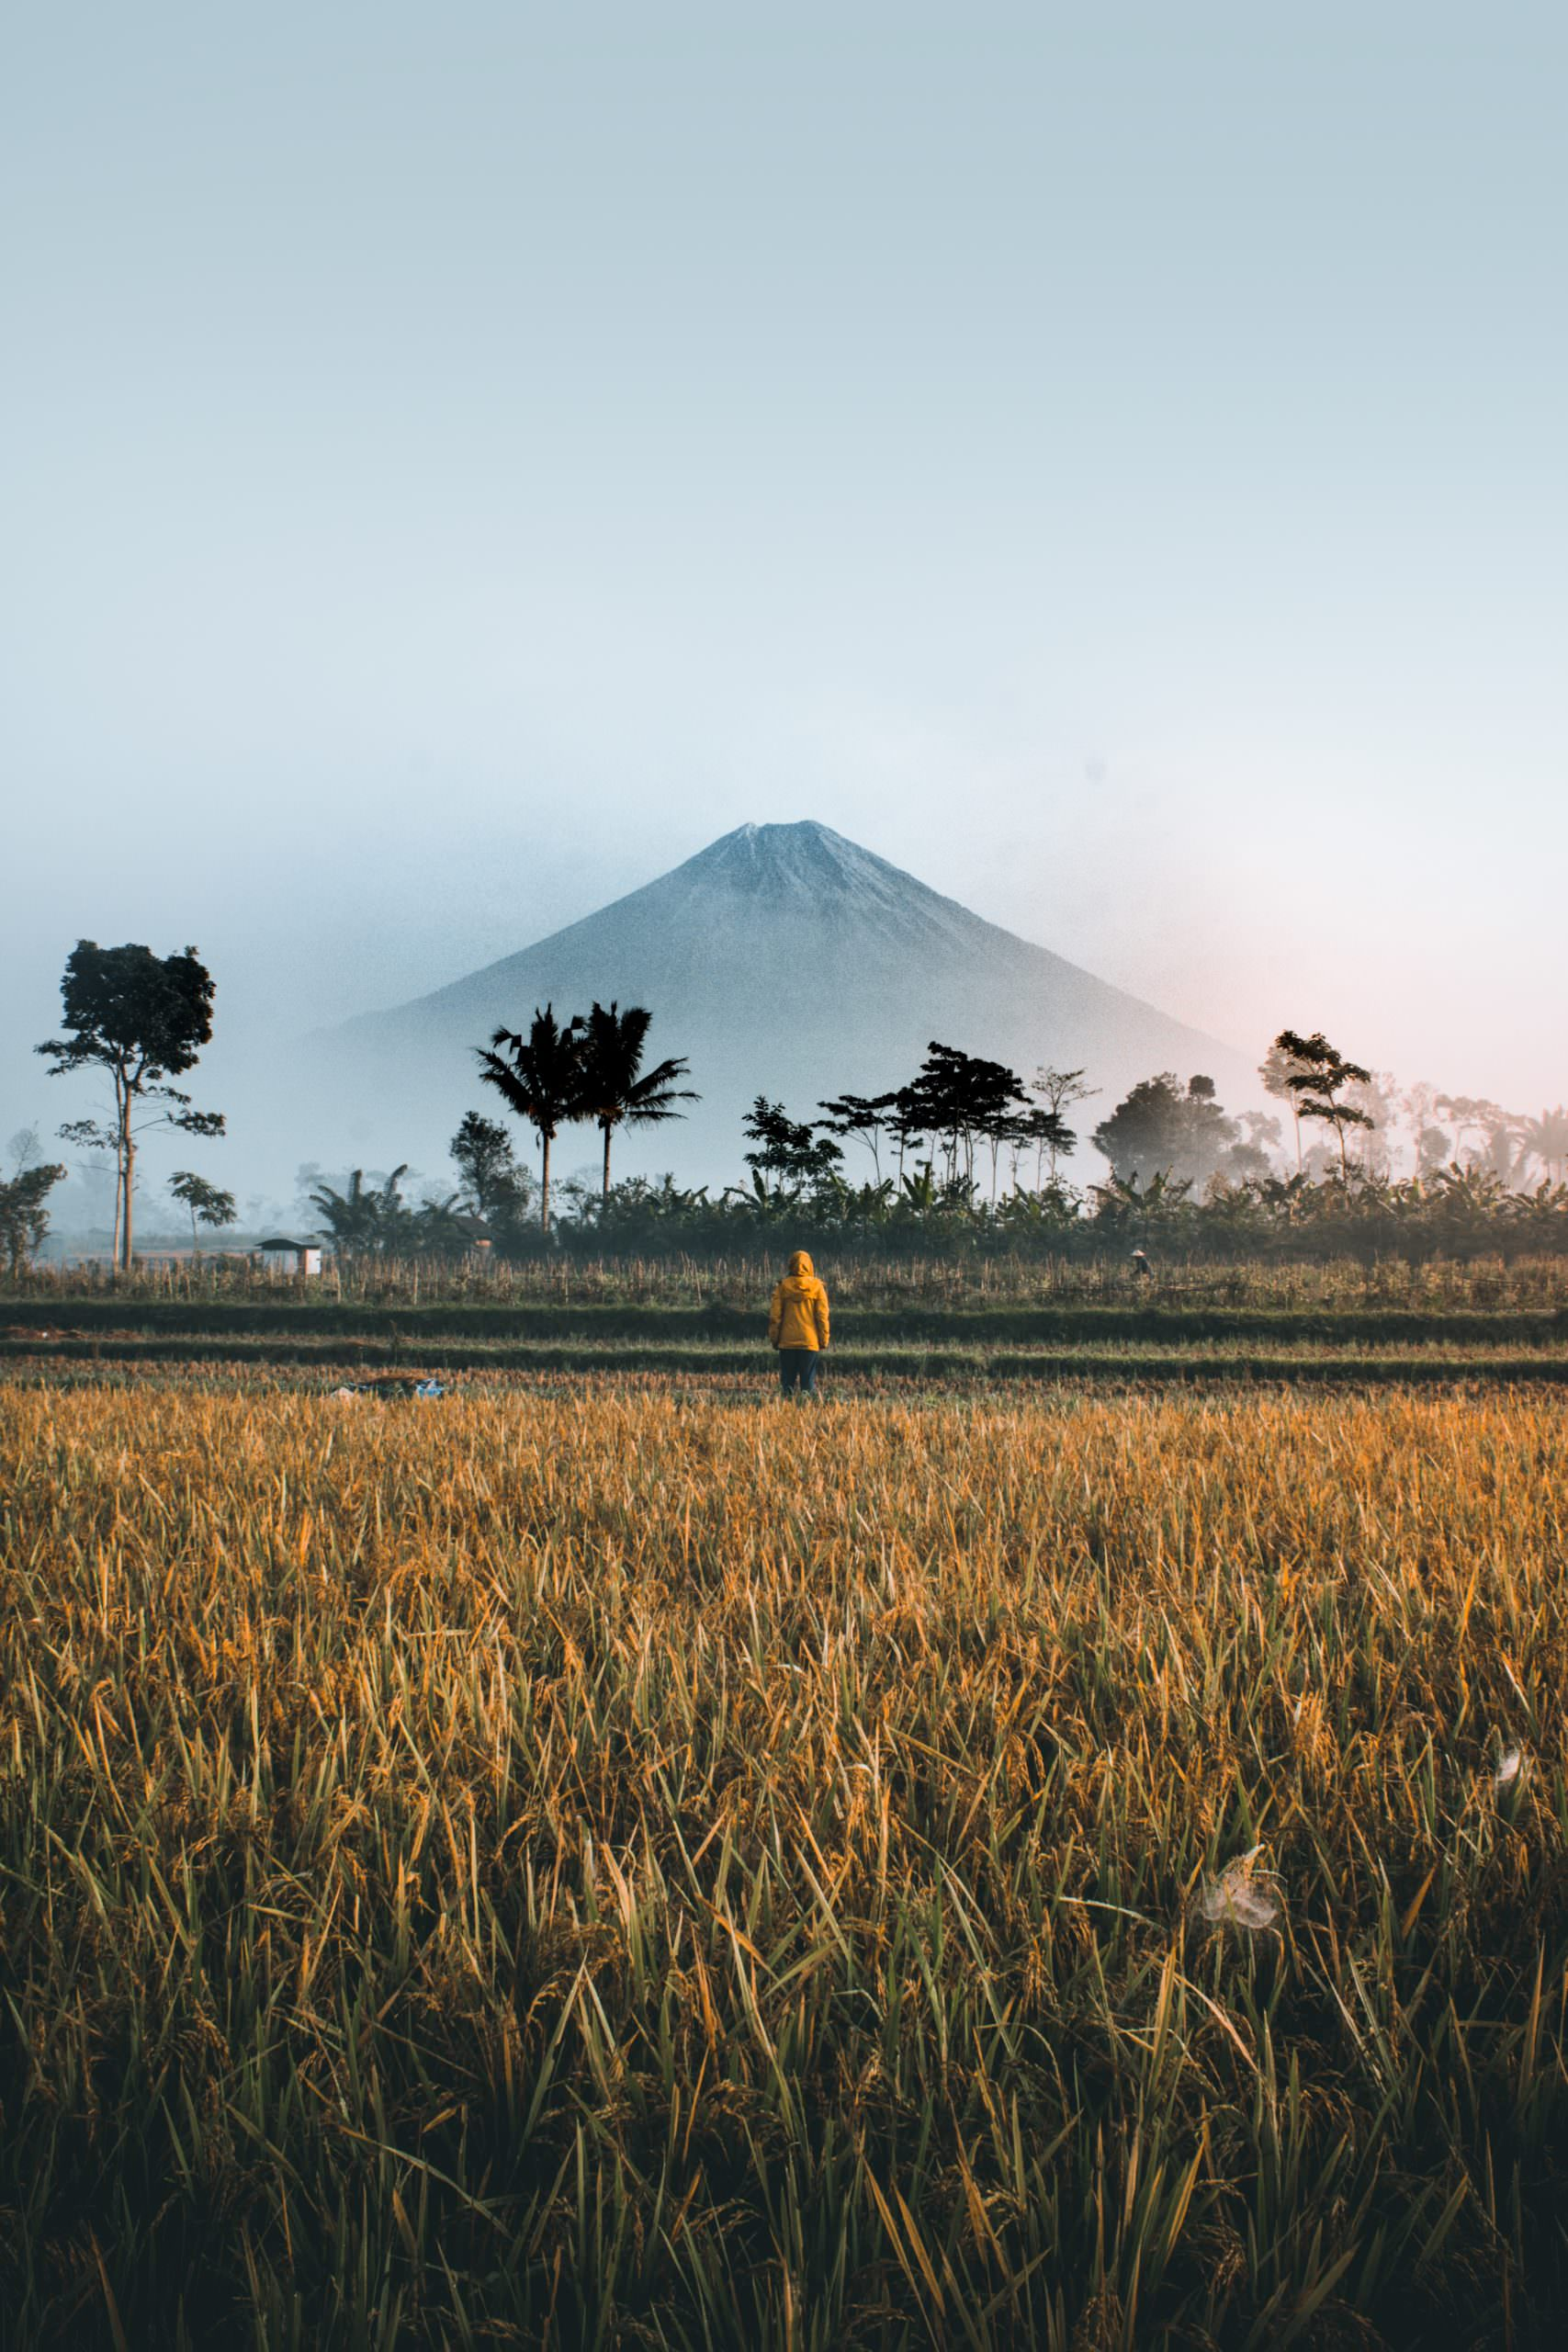 أجمل الأماكن في إندونيسيا وأكثرها سحراً